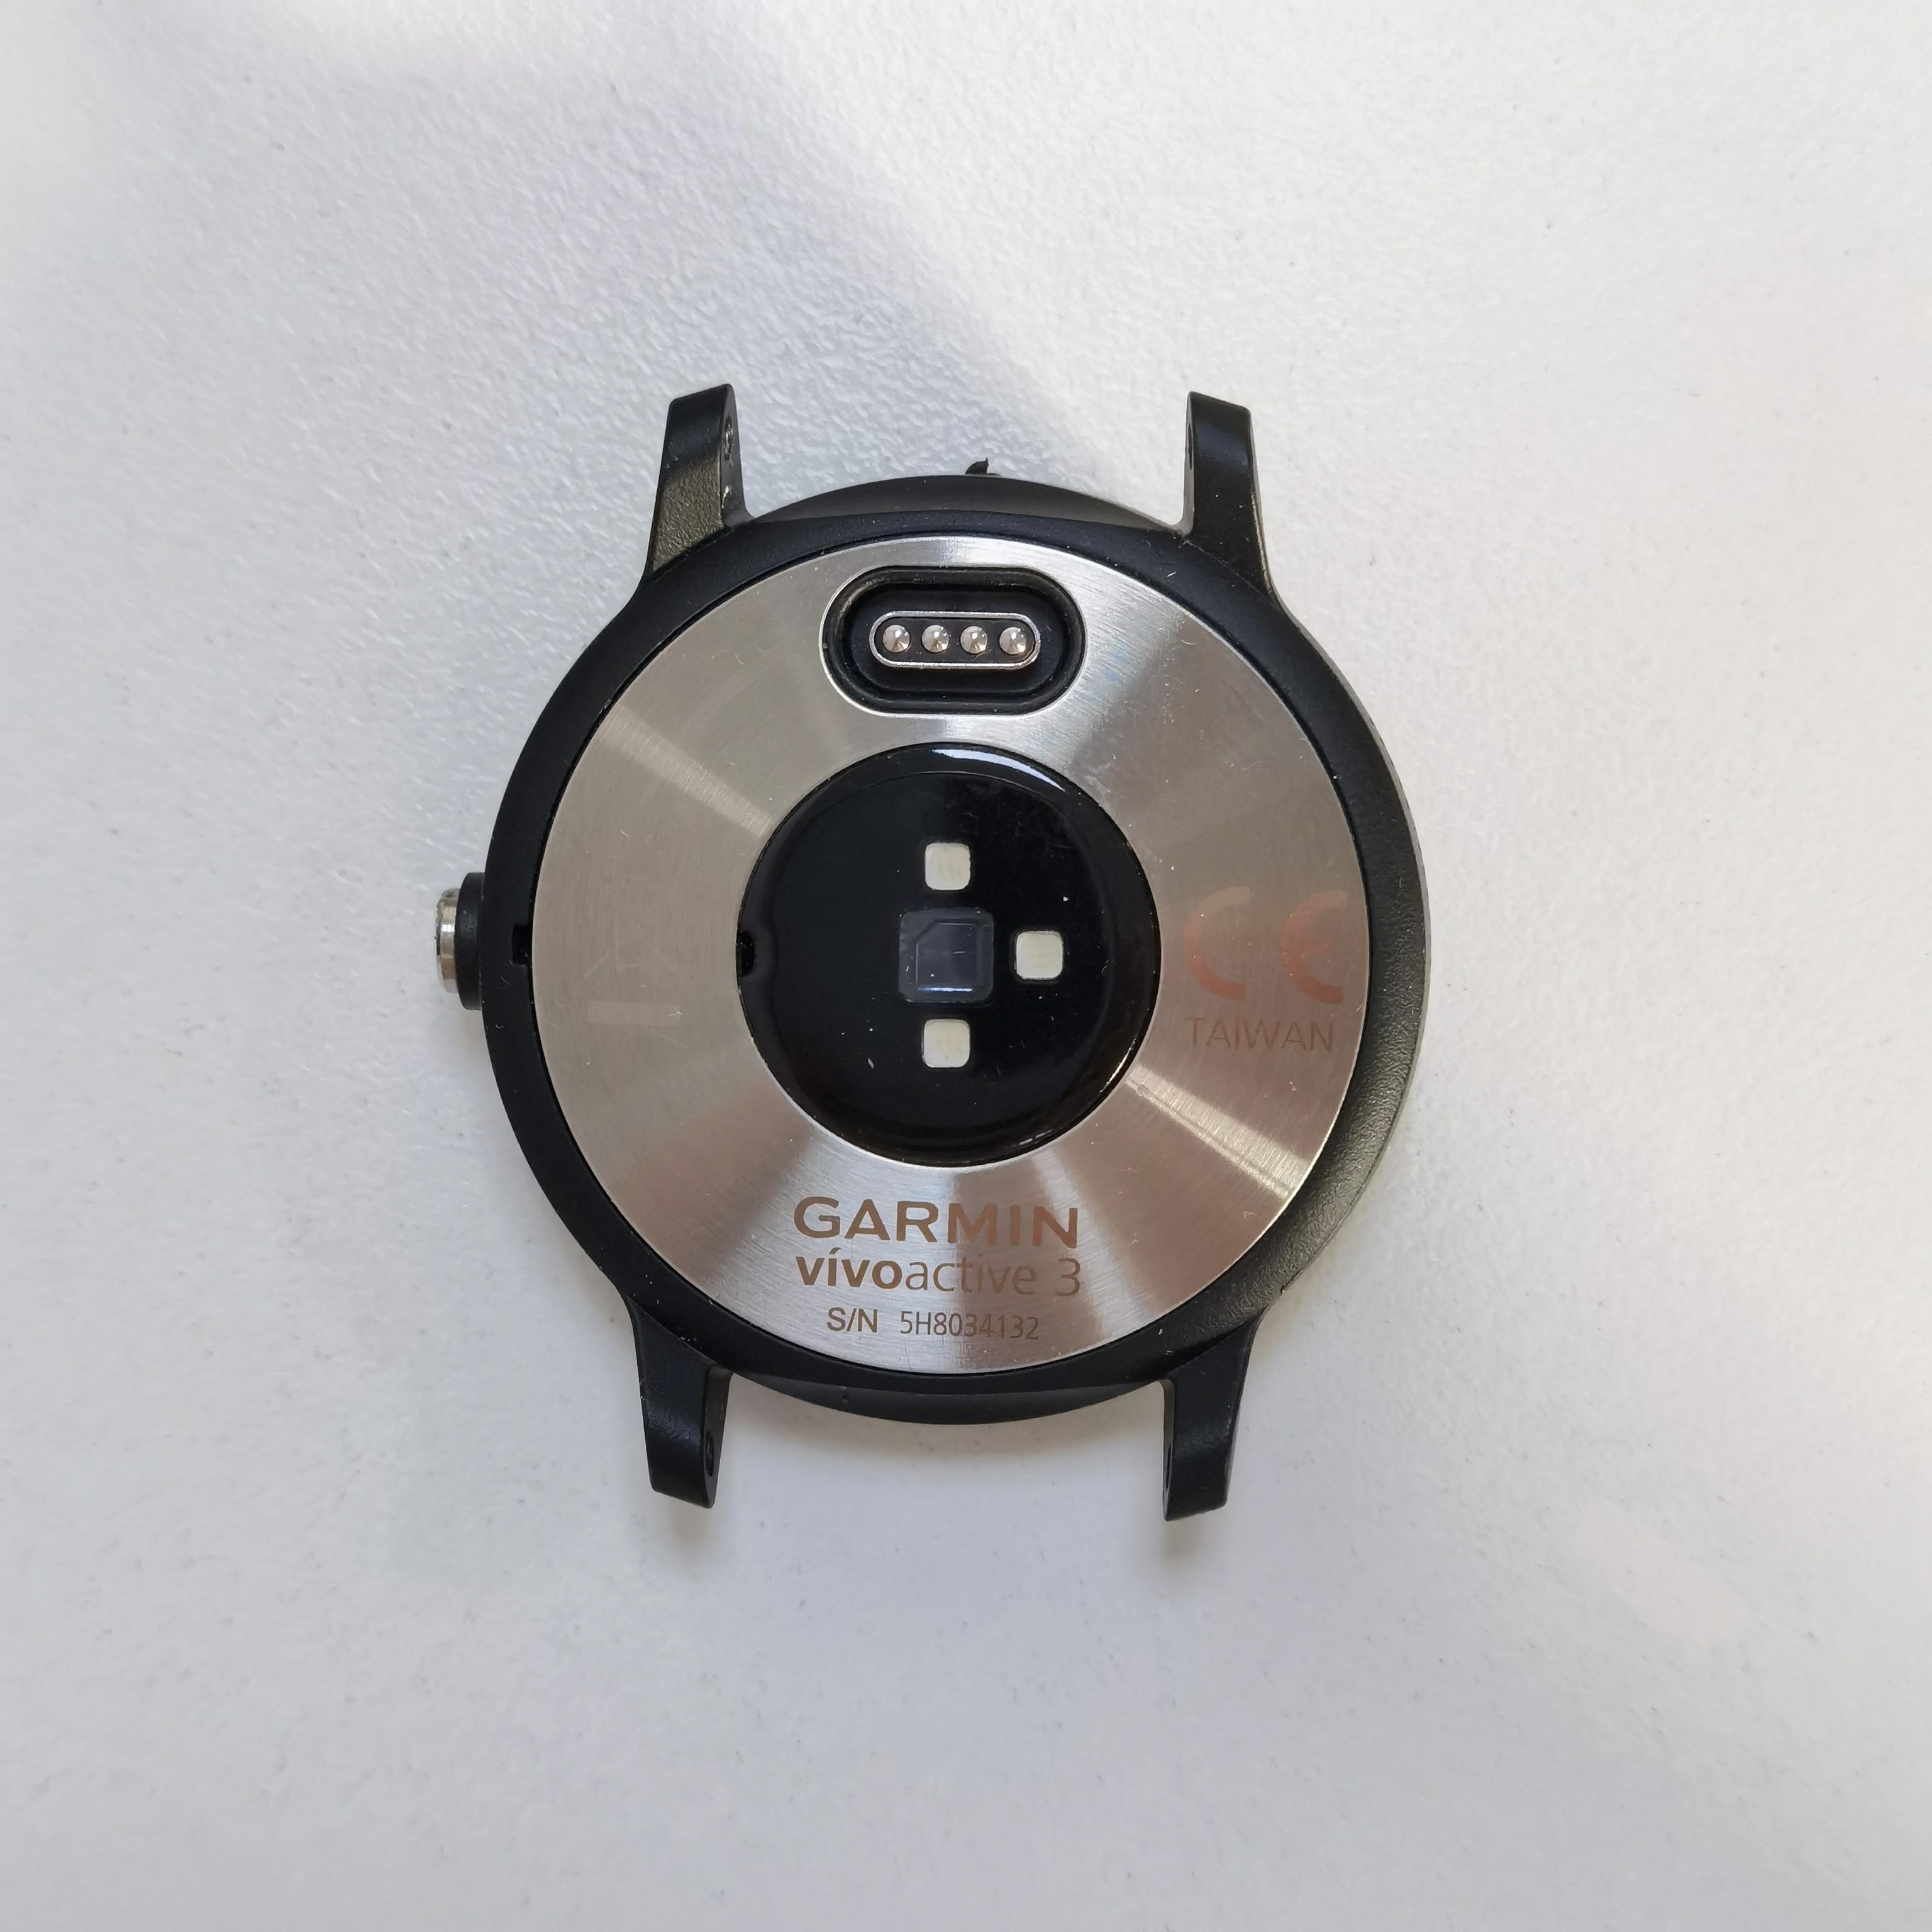 قطع غيار أصلية من Garmin Vivoactive 3 للغطاء الخلفي لإصلاح الغطاء الخلفي garmin Vivo 3